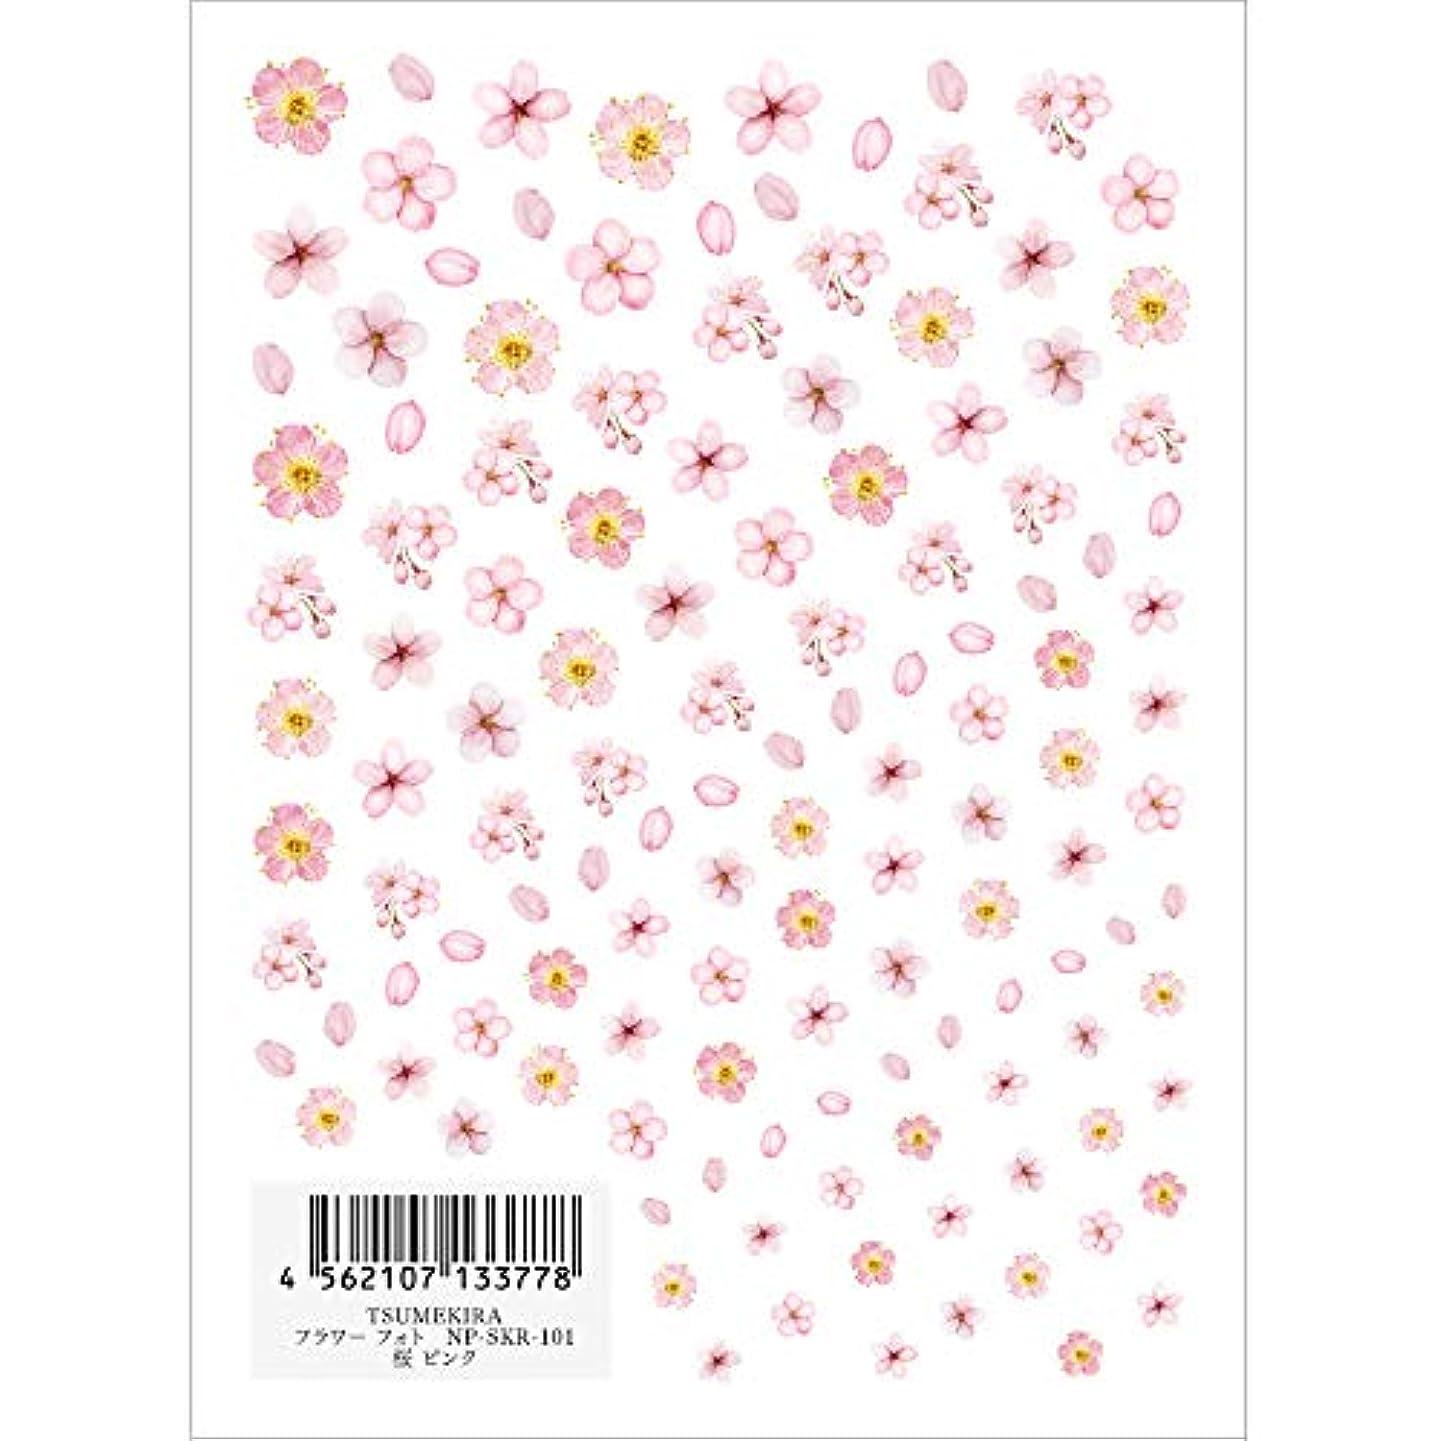 絶滅した母加入ツメキラ ネイル用シール フラワースタイル 桜ピンク  NP-SKR-101